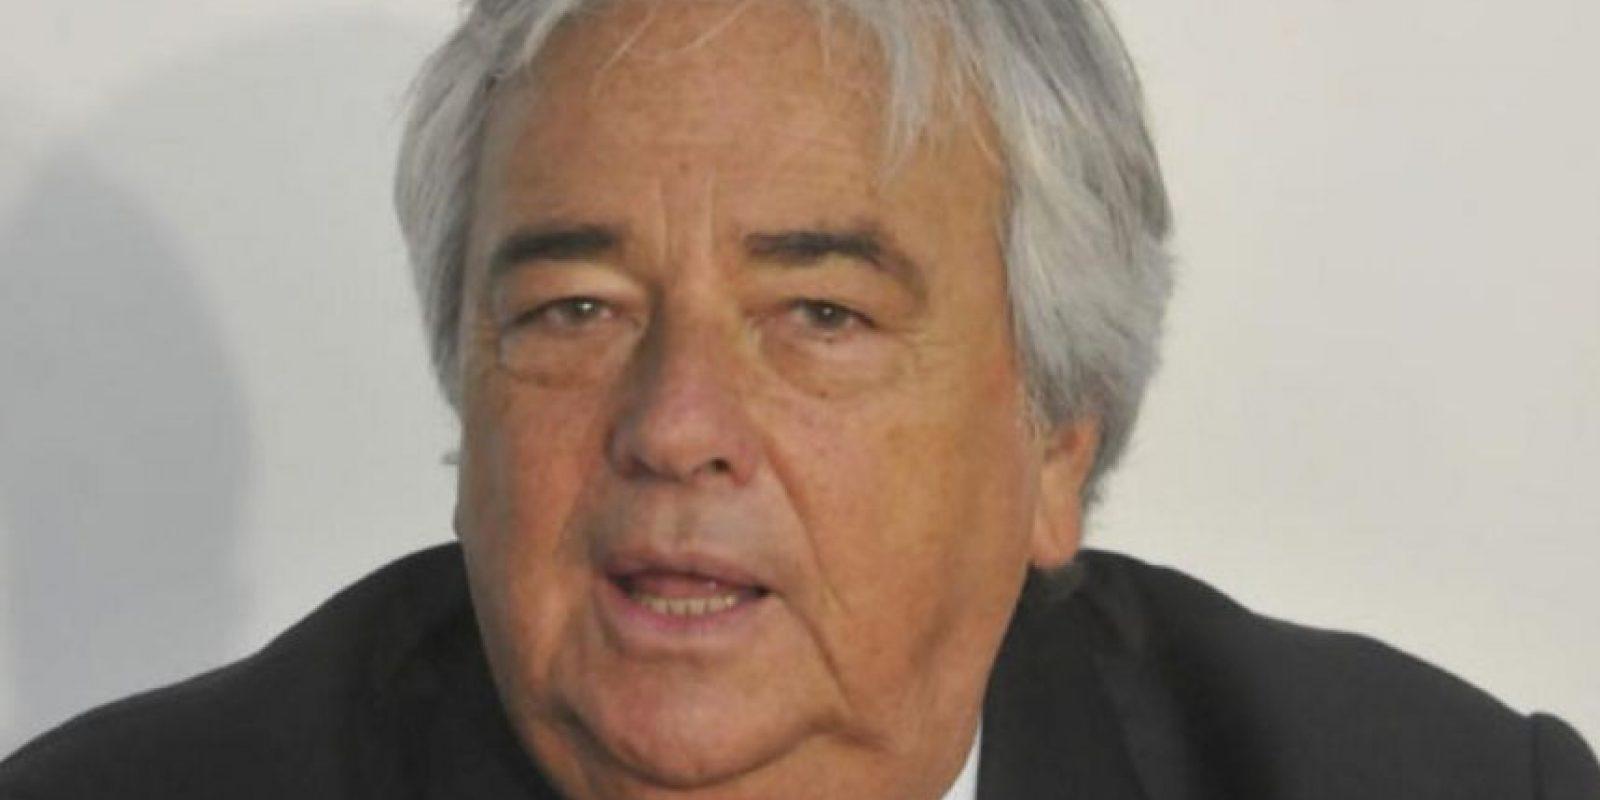 Argentino, ex presidente de Quilmes A.C y ex secretario general de Conmebol Foto:Getty Images